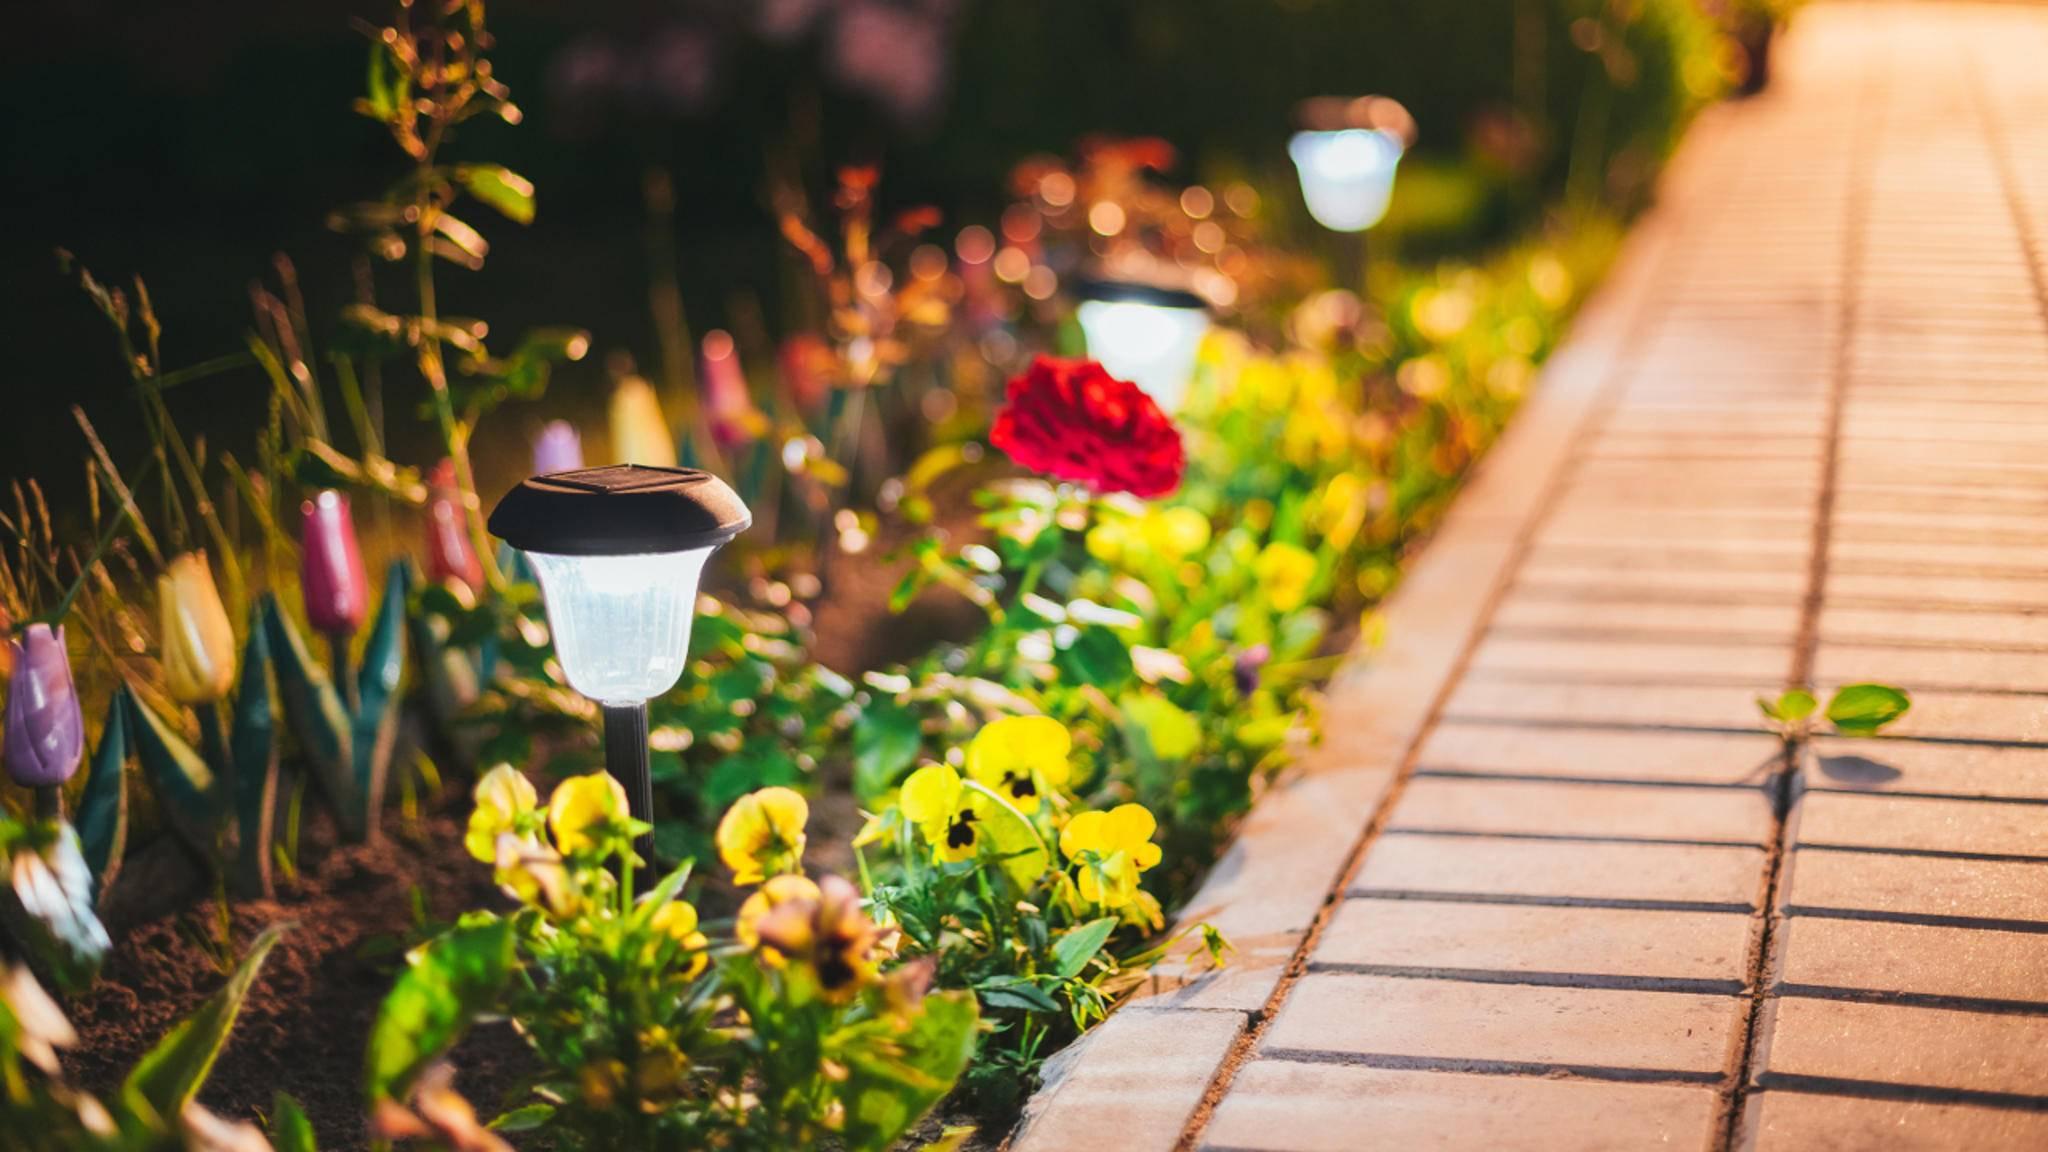 Gartenplaner-Apps und -Software helfen Dir dabei, Deinem Traumgarten einen Schritt näherzukommen.